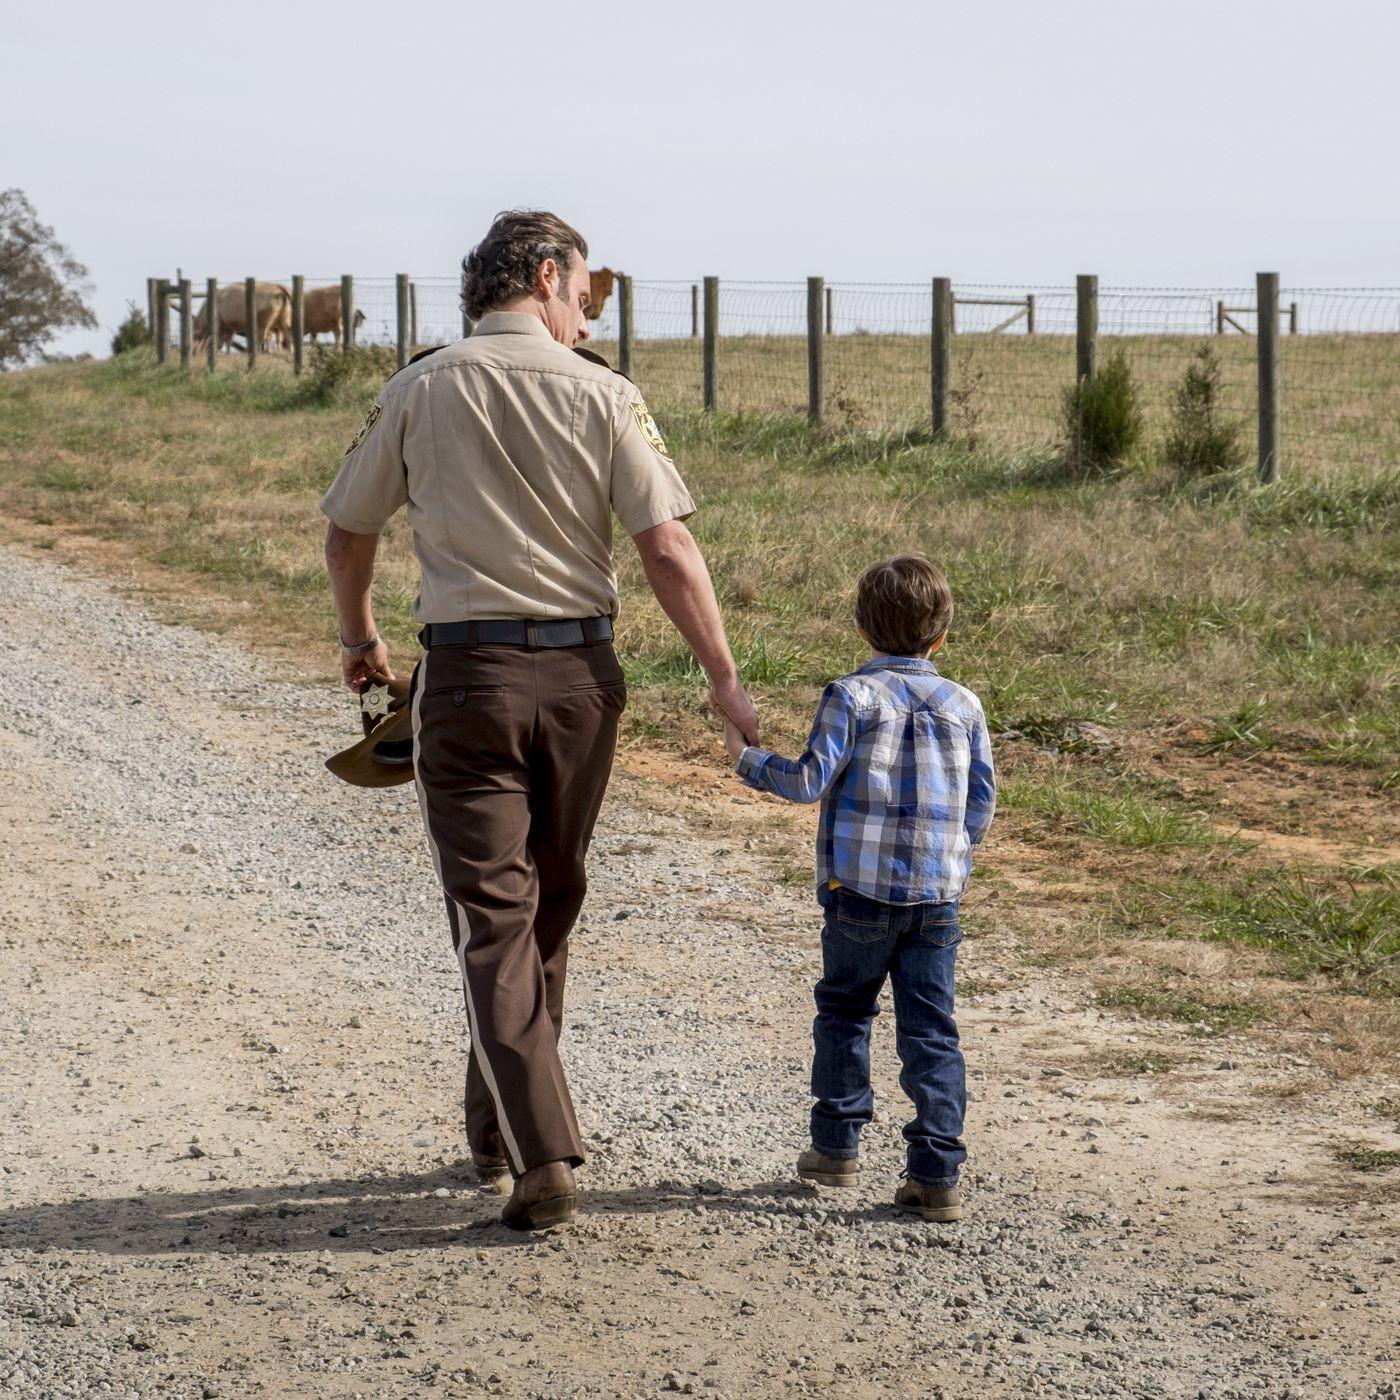 The Walking Dead Villain Watch Season 8 Episode 16 Recap Wrath